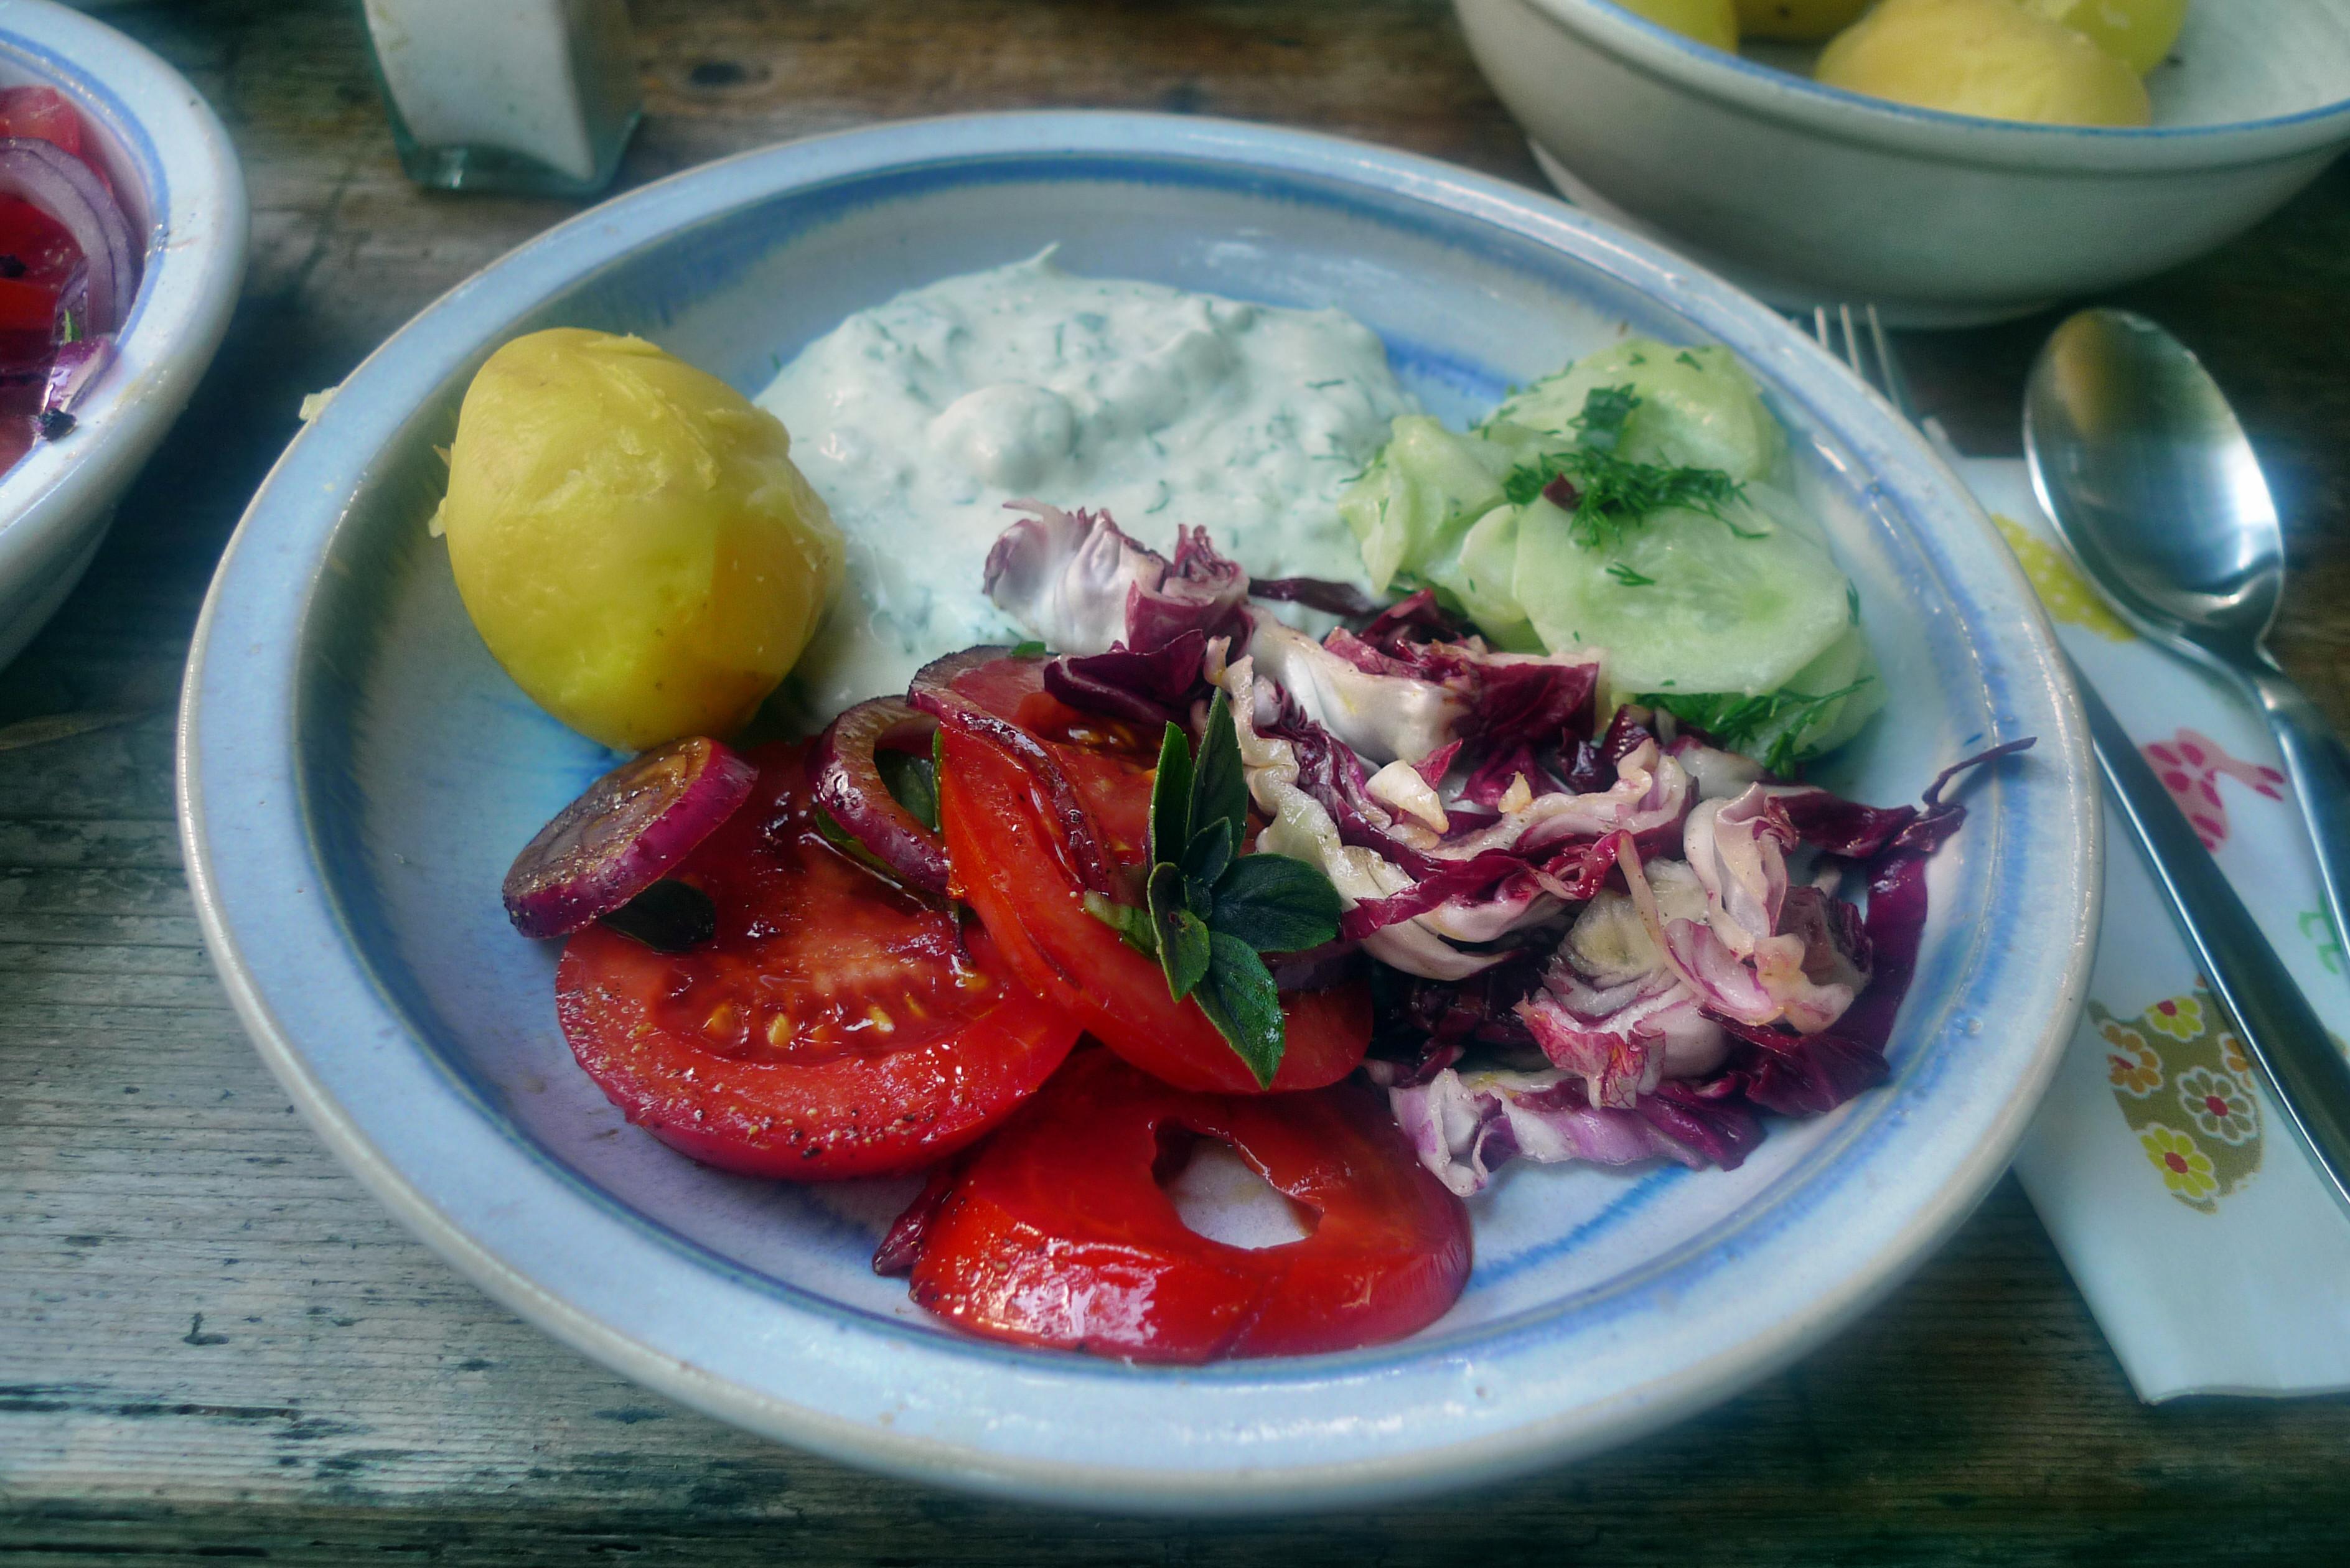 Quark-Salate-Kartoffel- 27.9.14   (12)